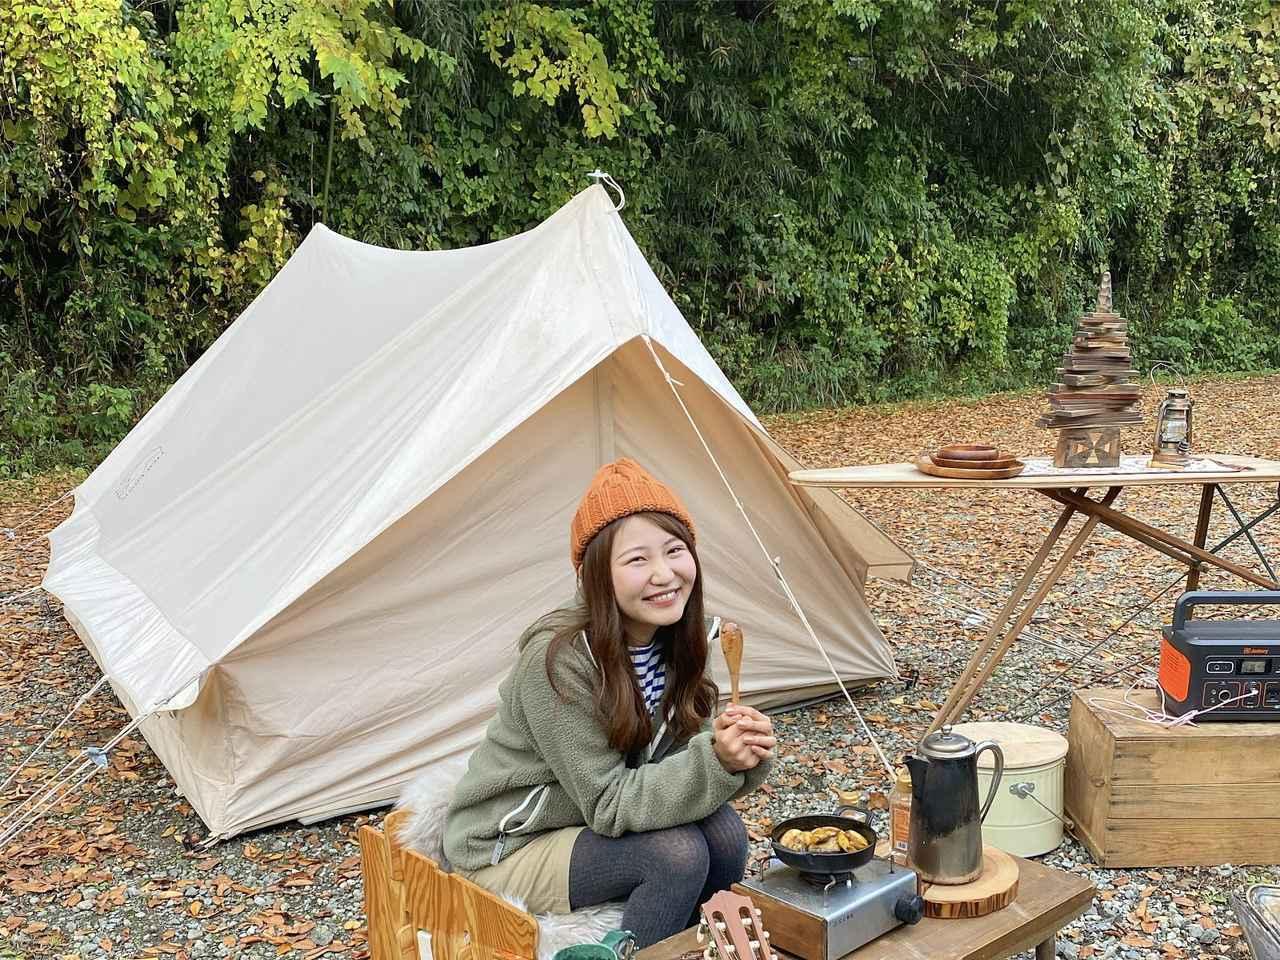 画像: 【筆者愛用】ノルディスクのテント「ユドゥン 5.5」徹底レビュー!広々ソロキャンプにも使えて設営簡単! - ハピキャン|キャンプ・アウトドア情報メディア